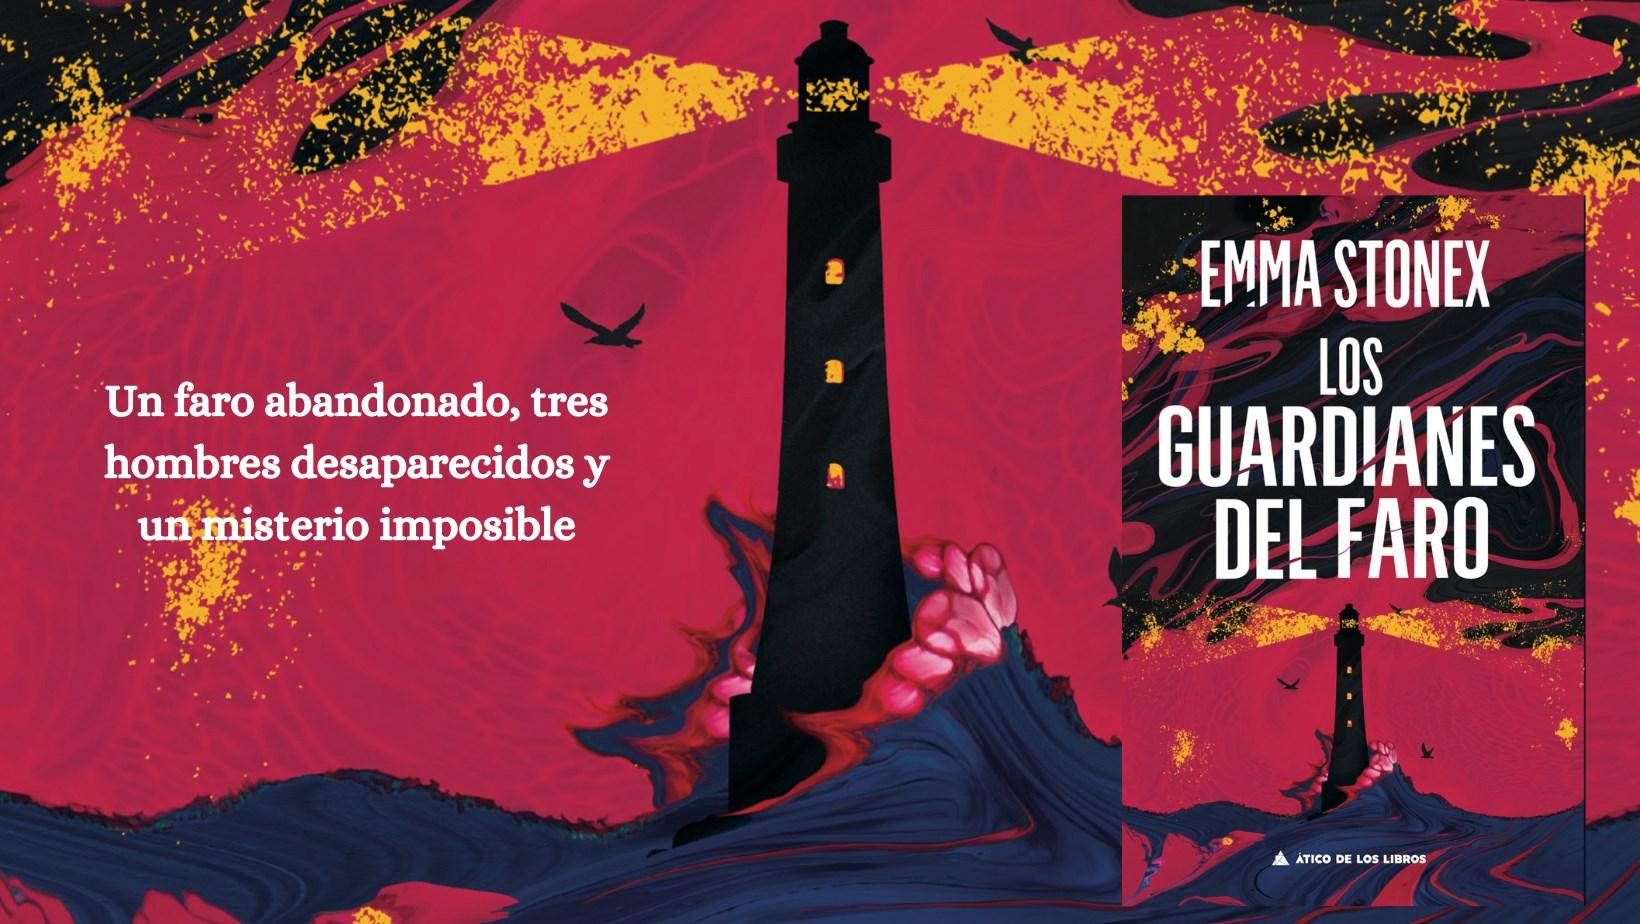 los-guardianes-del-faro-el-notable-estreno-literario-de-emma-stonex